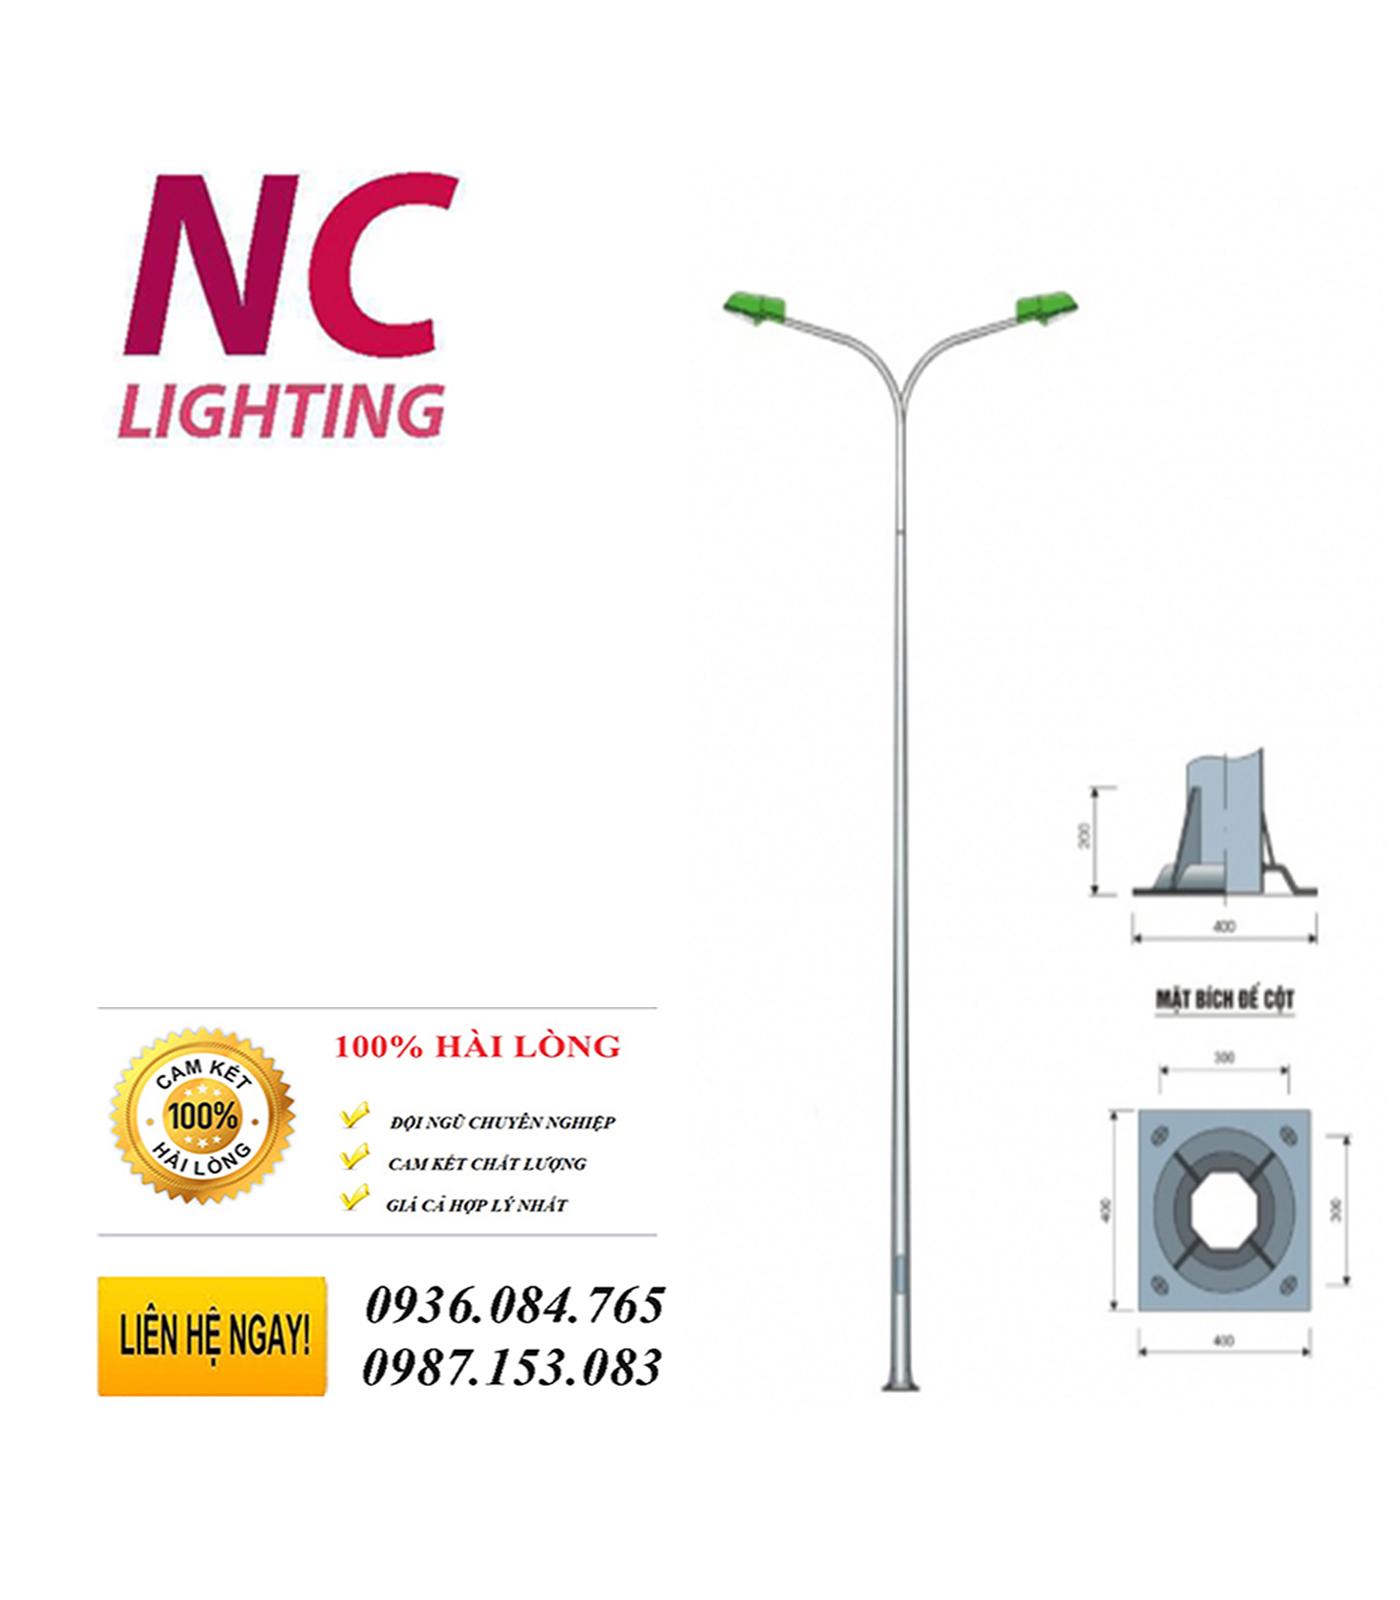 Kết quả hình ảnh cho cột đèn cao áp nc lighting